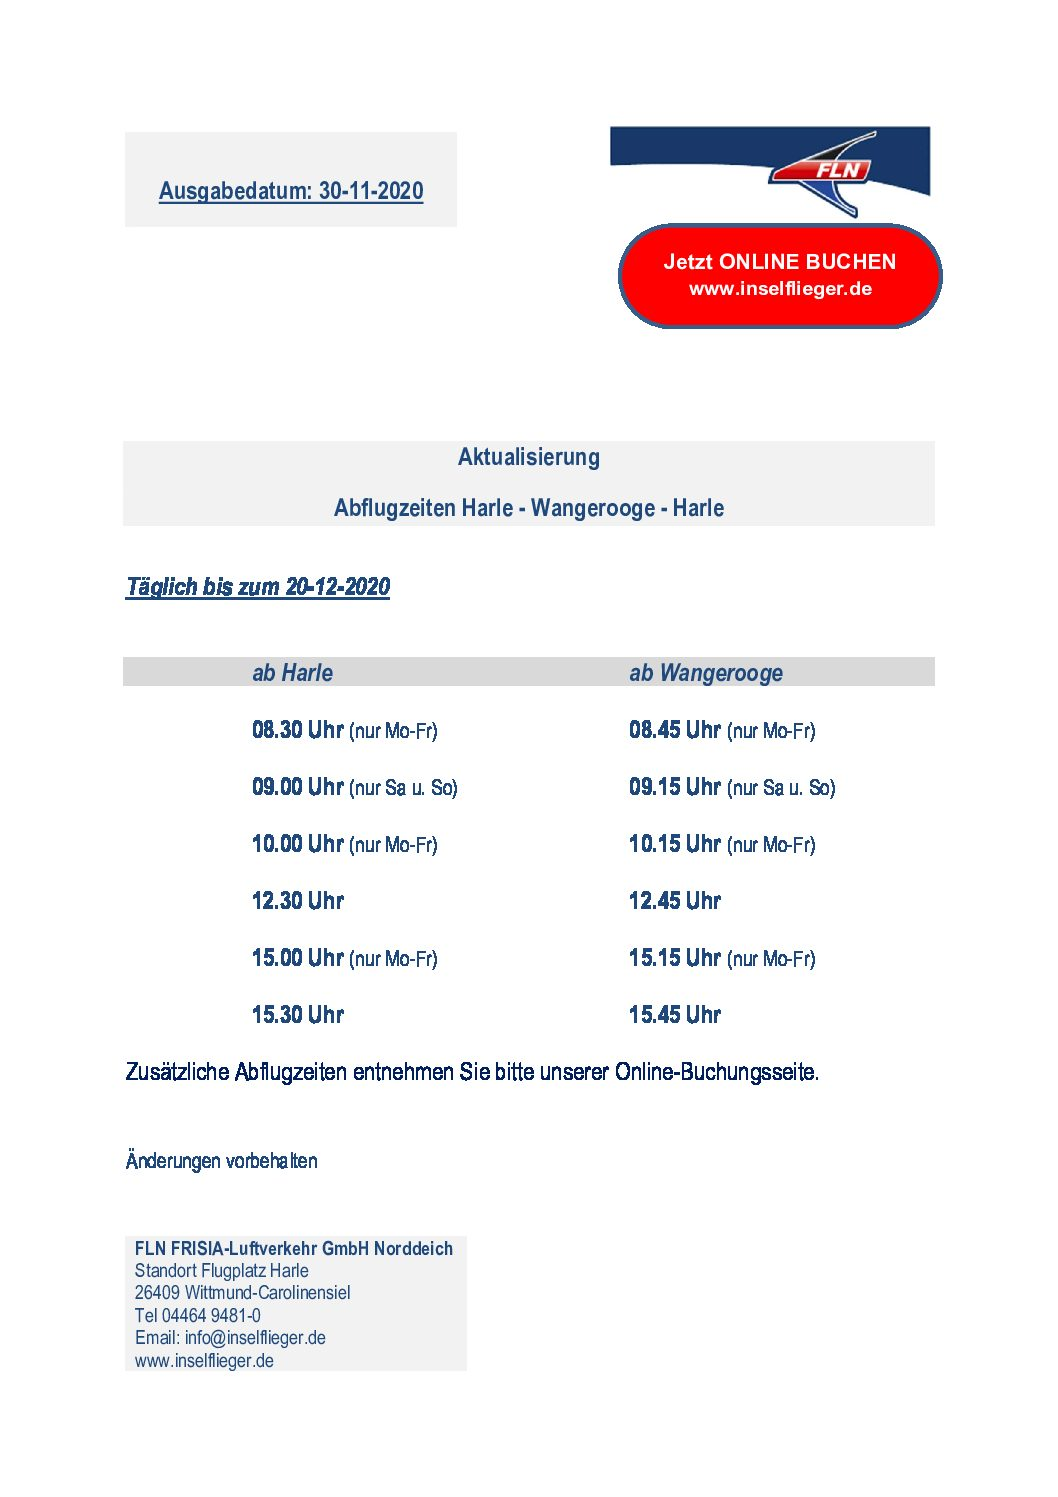 Dezemberflugplan von FLN-Die Inselflieger bis 20.12.2020